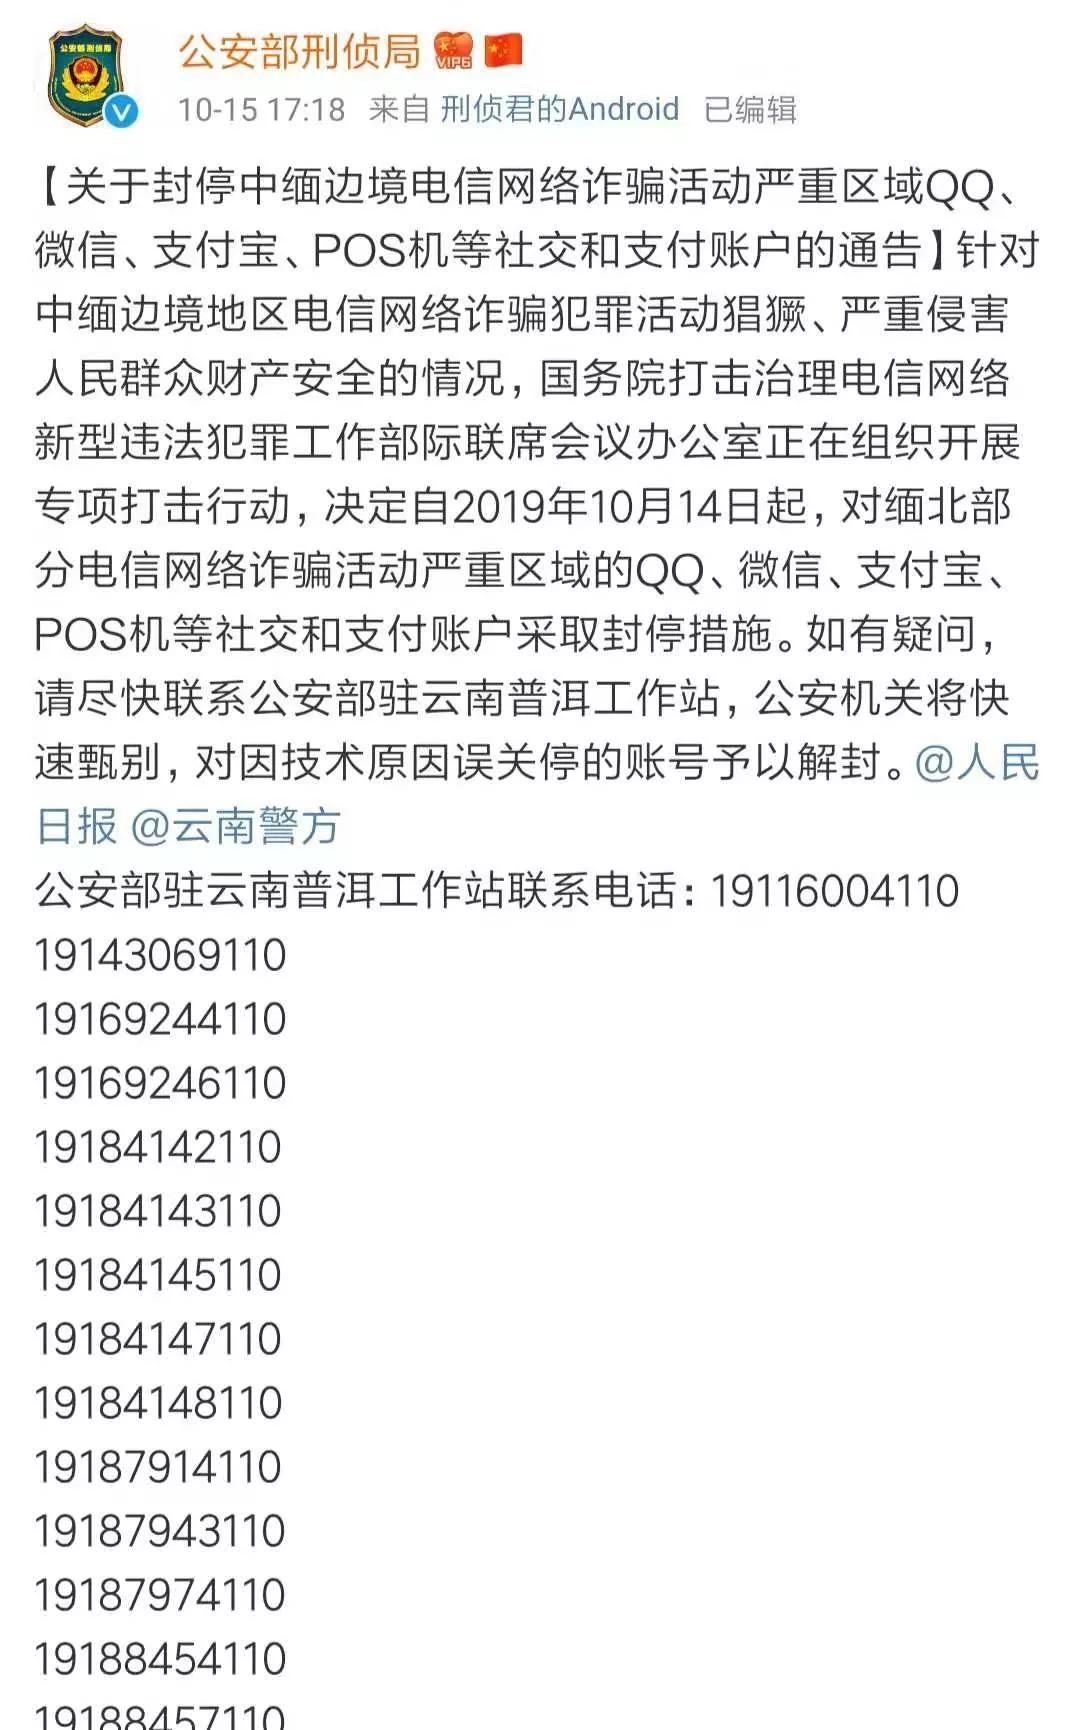 多地网友微信QQ支付宝被封 原来是这样的骗局太猖獗的照片 - 6